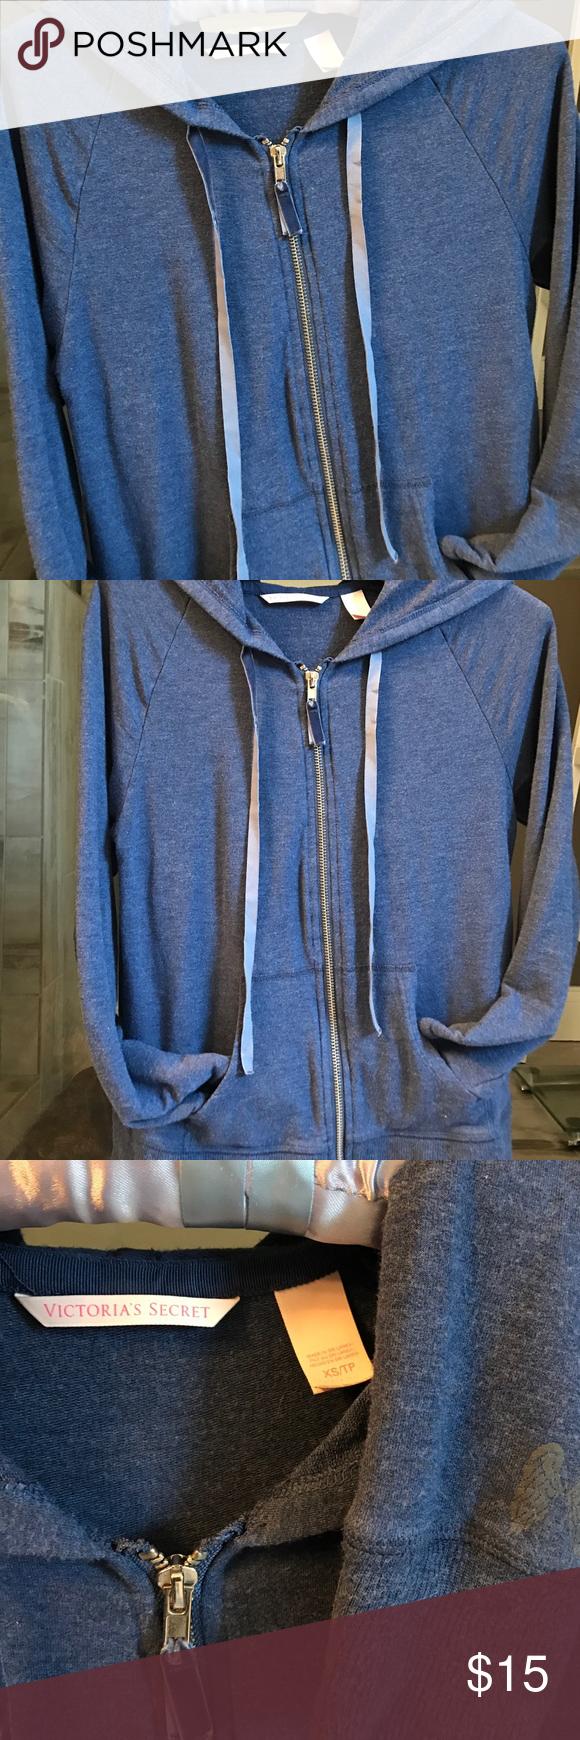 VS full zip hoodie Heather navy blue Victoria's Secret zip up hoodie. Light weight, stretchy material. Has logo detail on left lower sleeve, zip and hoodie ties velvet. Victoria's Secret Tops Sweatshirts & Hoodies